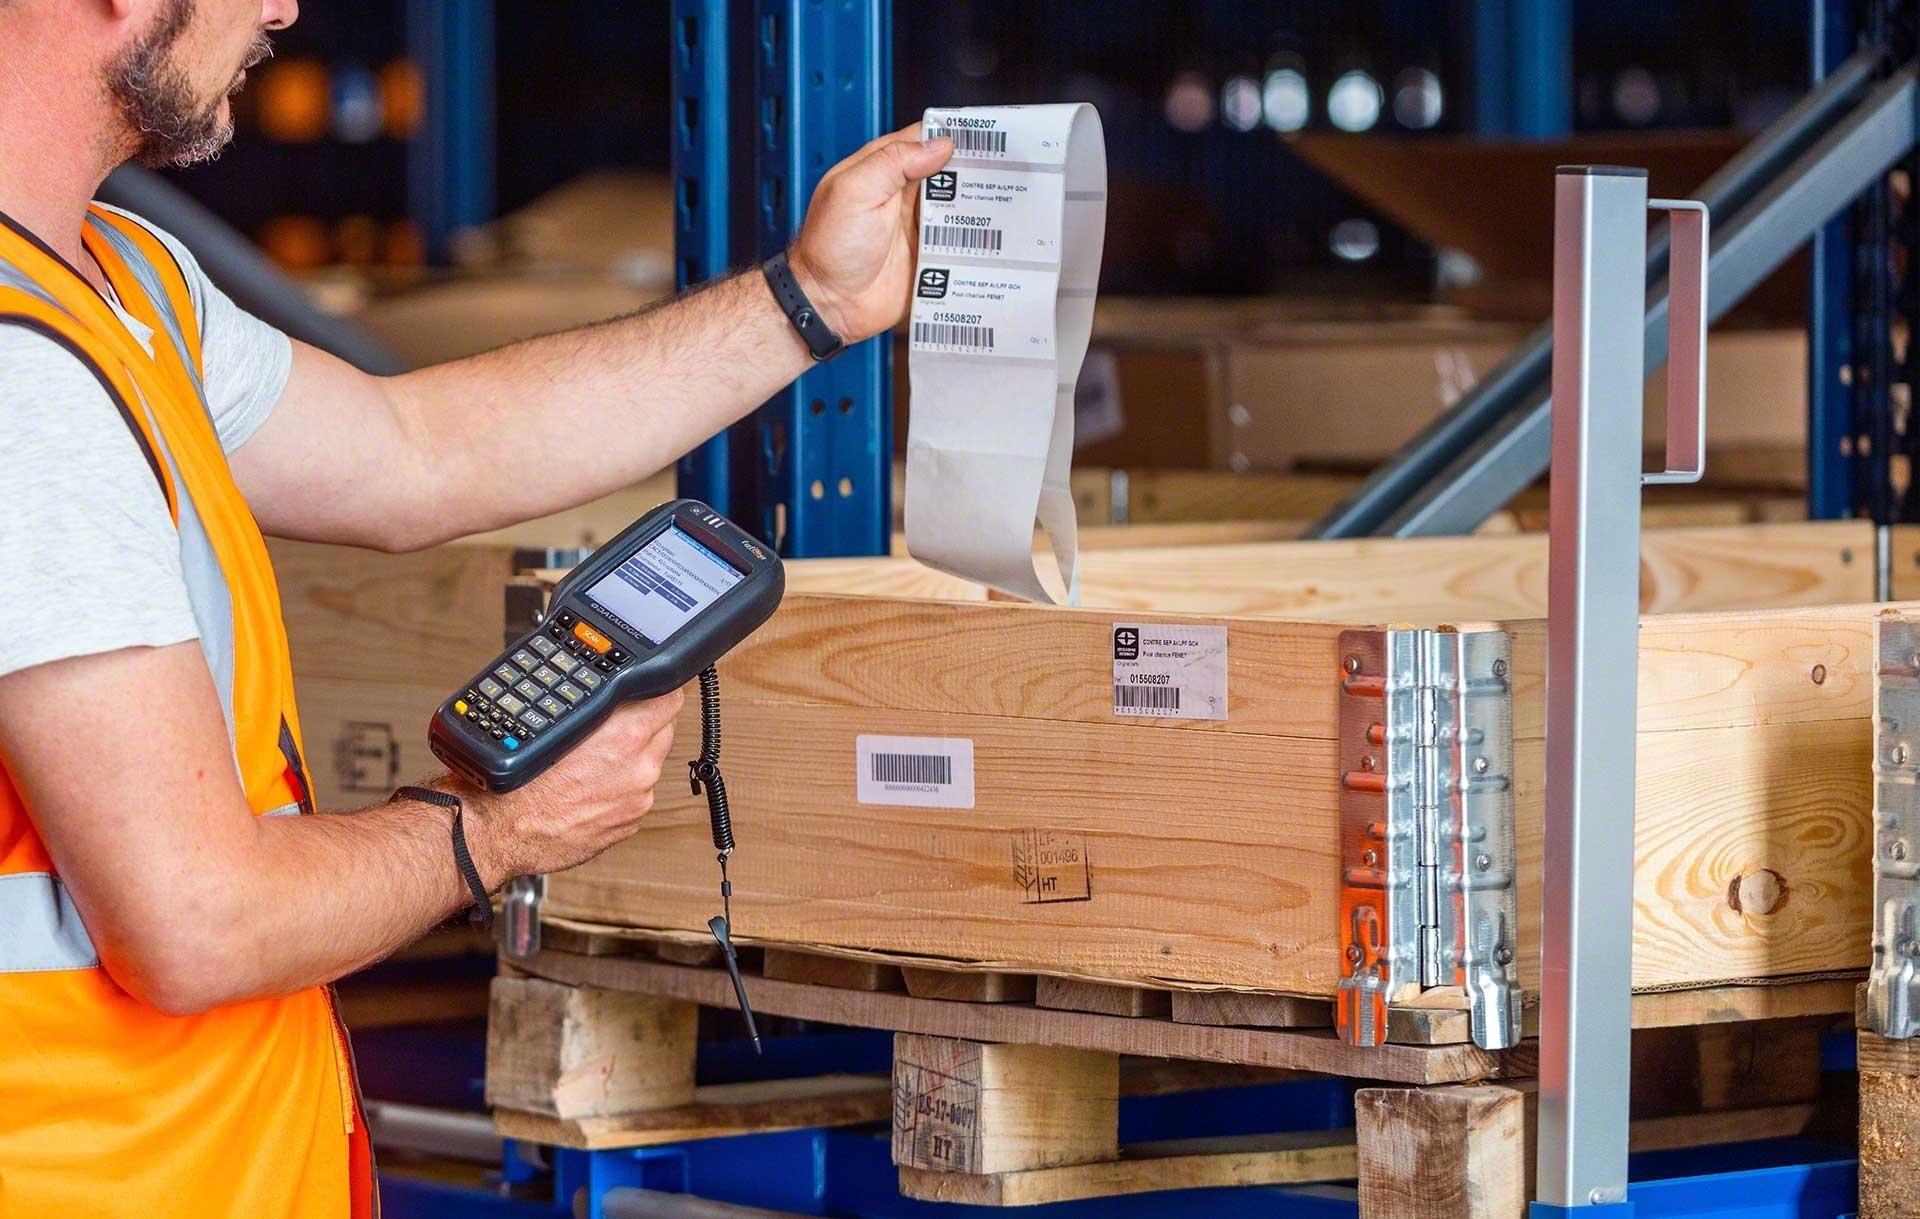 Le code SKU sert à identifier les produits en entrepôt